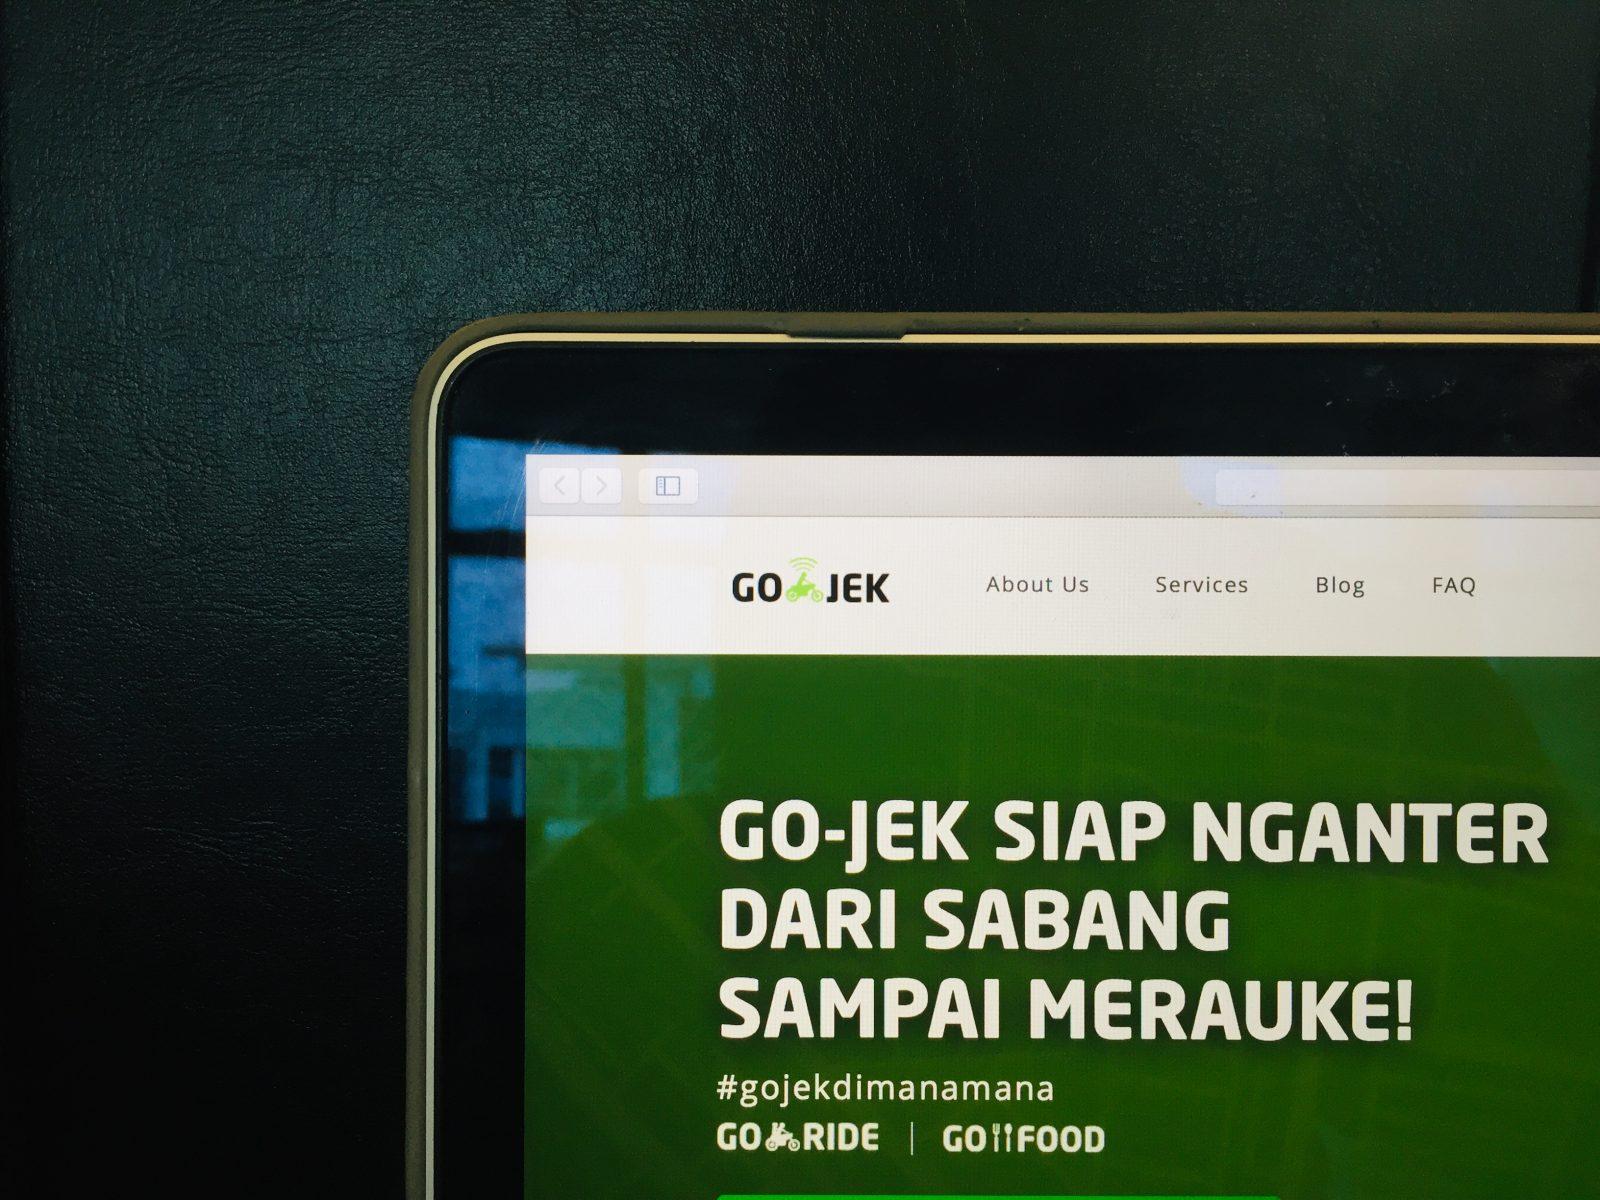 GO-JEK抢占$25亿食品市场